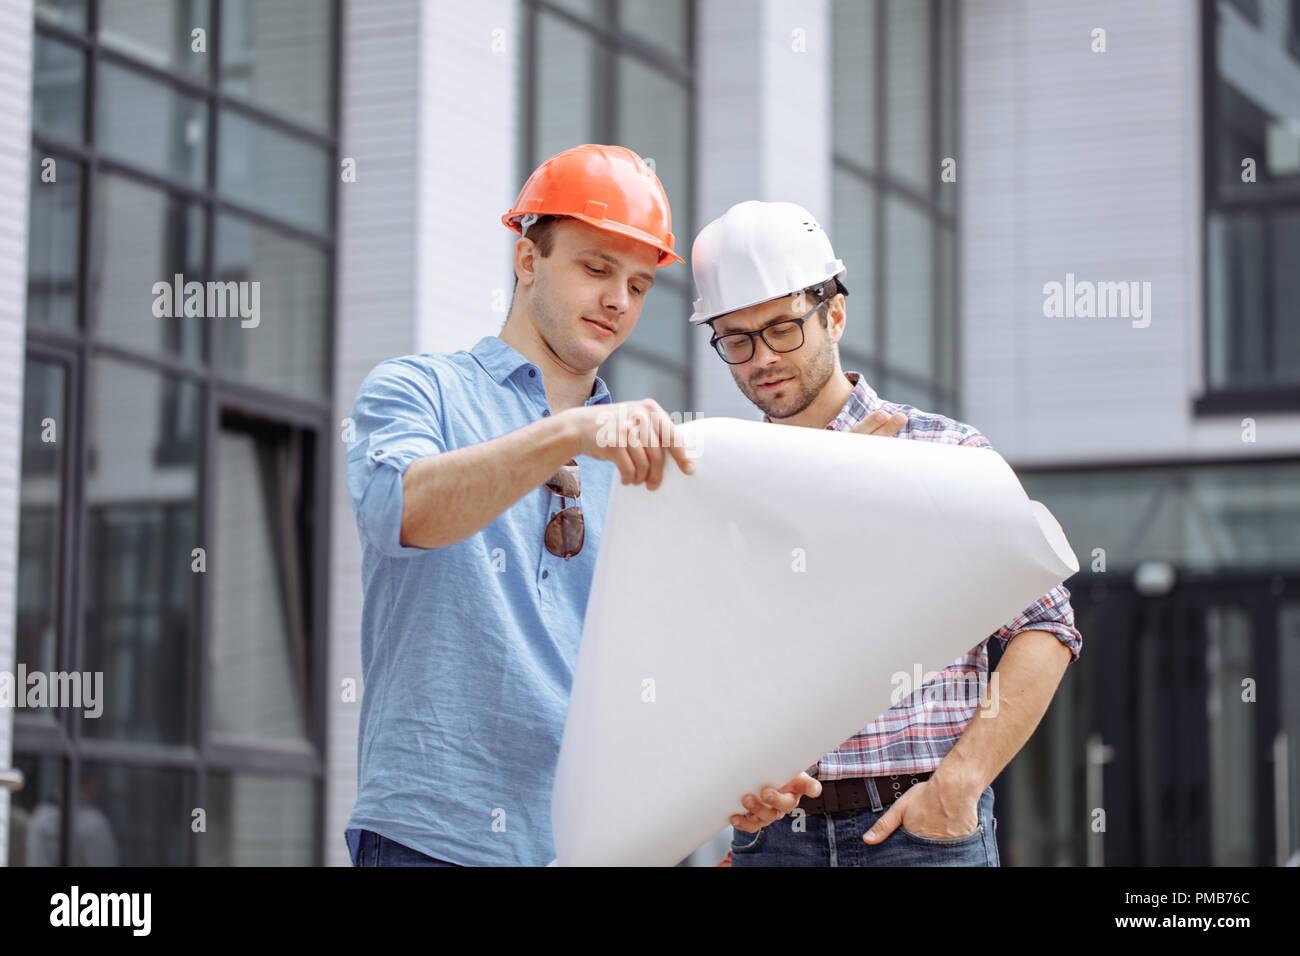 Dos ambiciosos ingenieros están desarrollando ideas propias para crear rascacielos Imagen De Stock